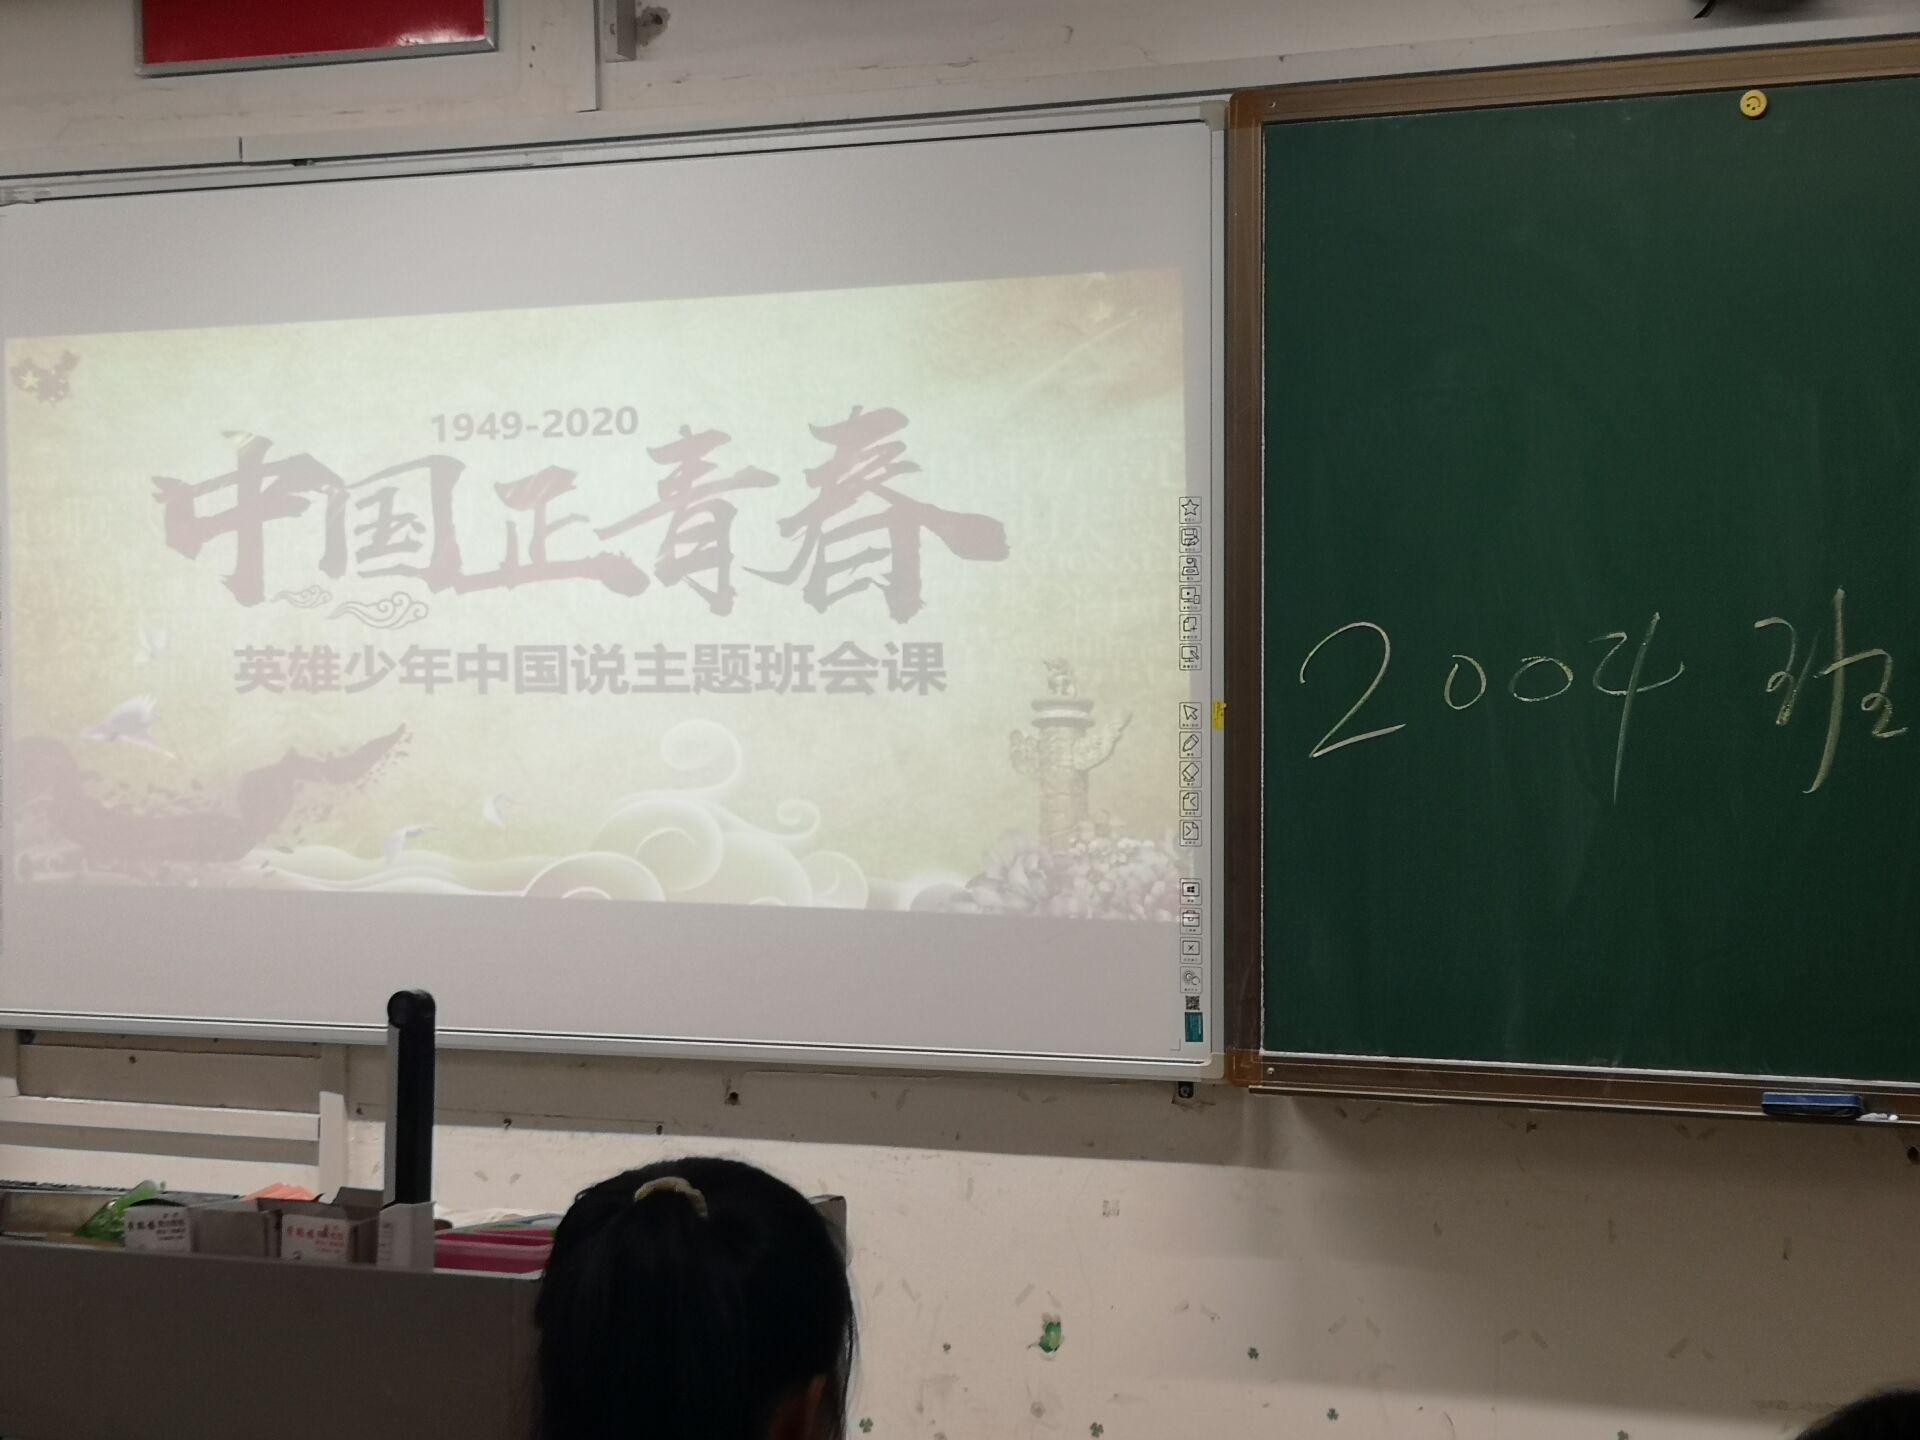 """2004班""""英雄中國少年說""""主題班會.jpg"""